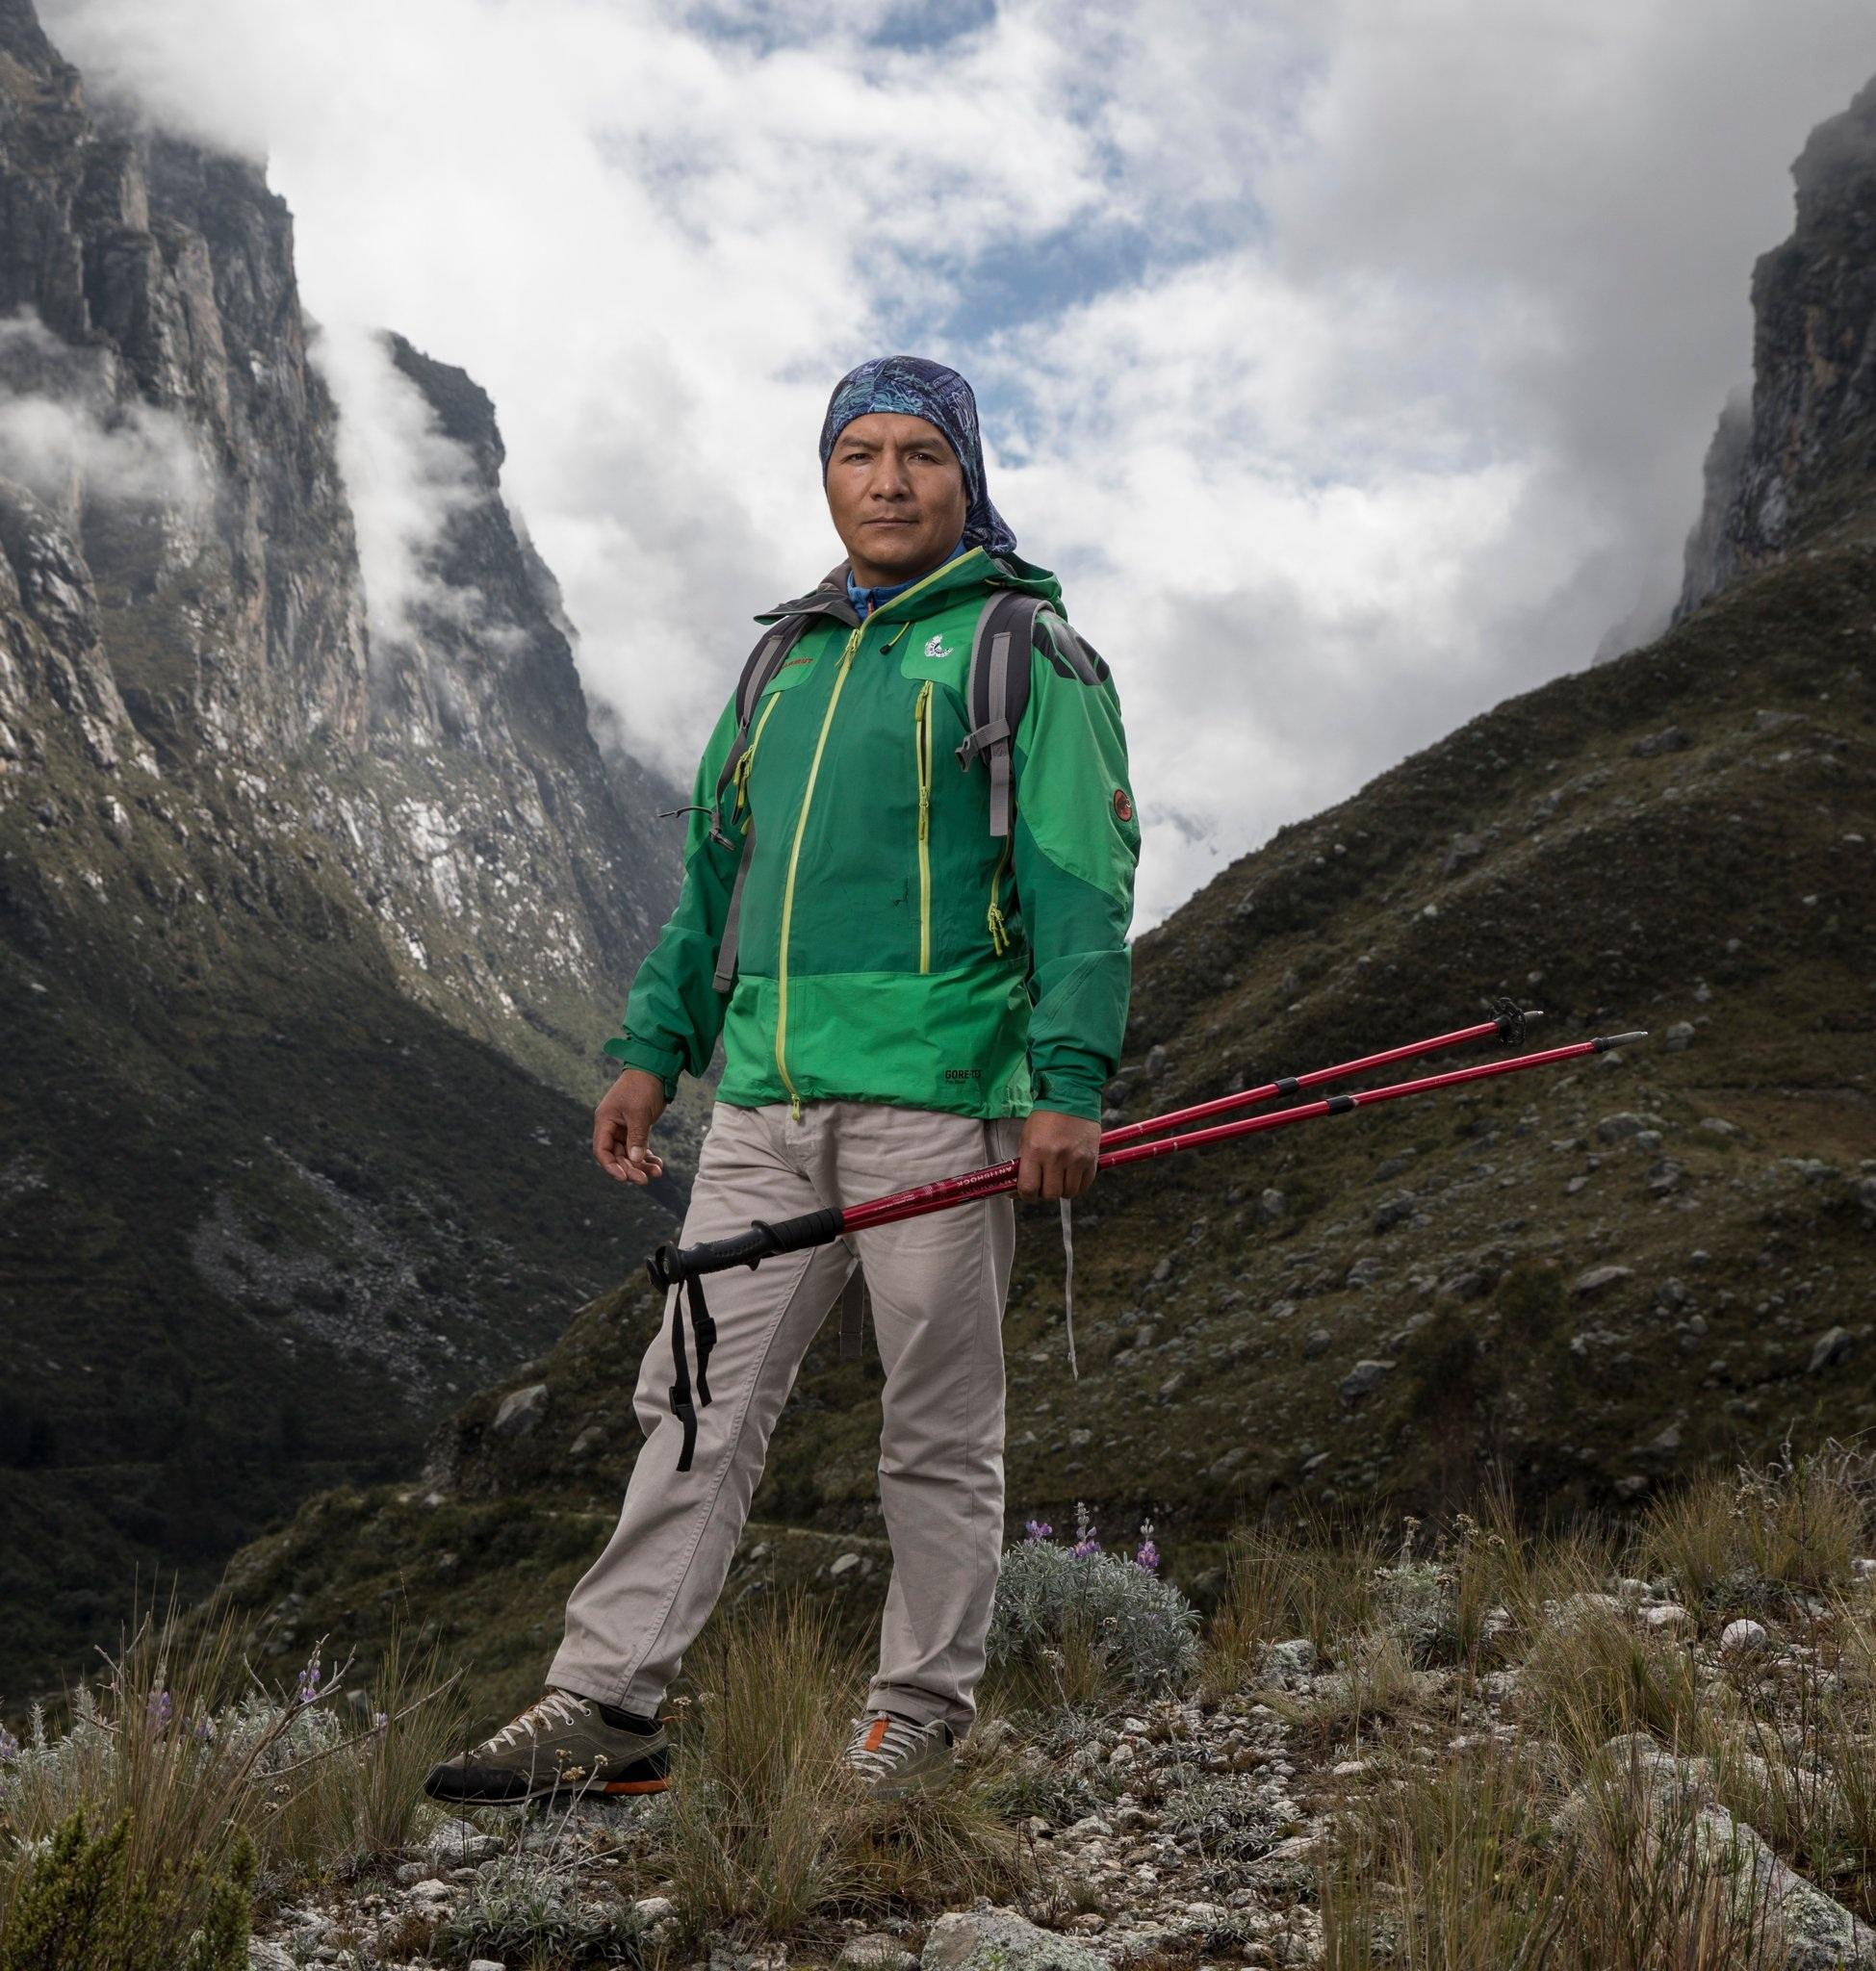 14mag-Peru-image2-superJumbo.jpg